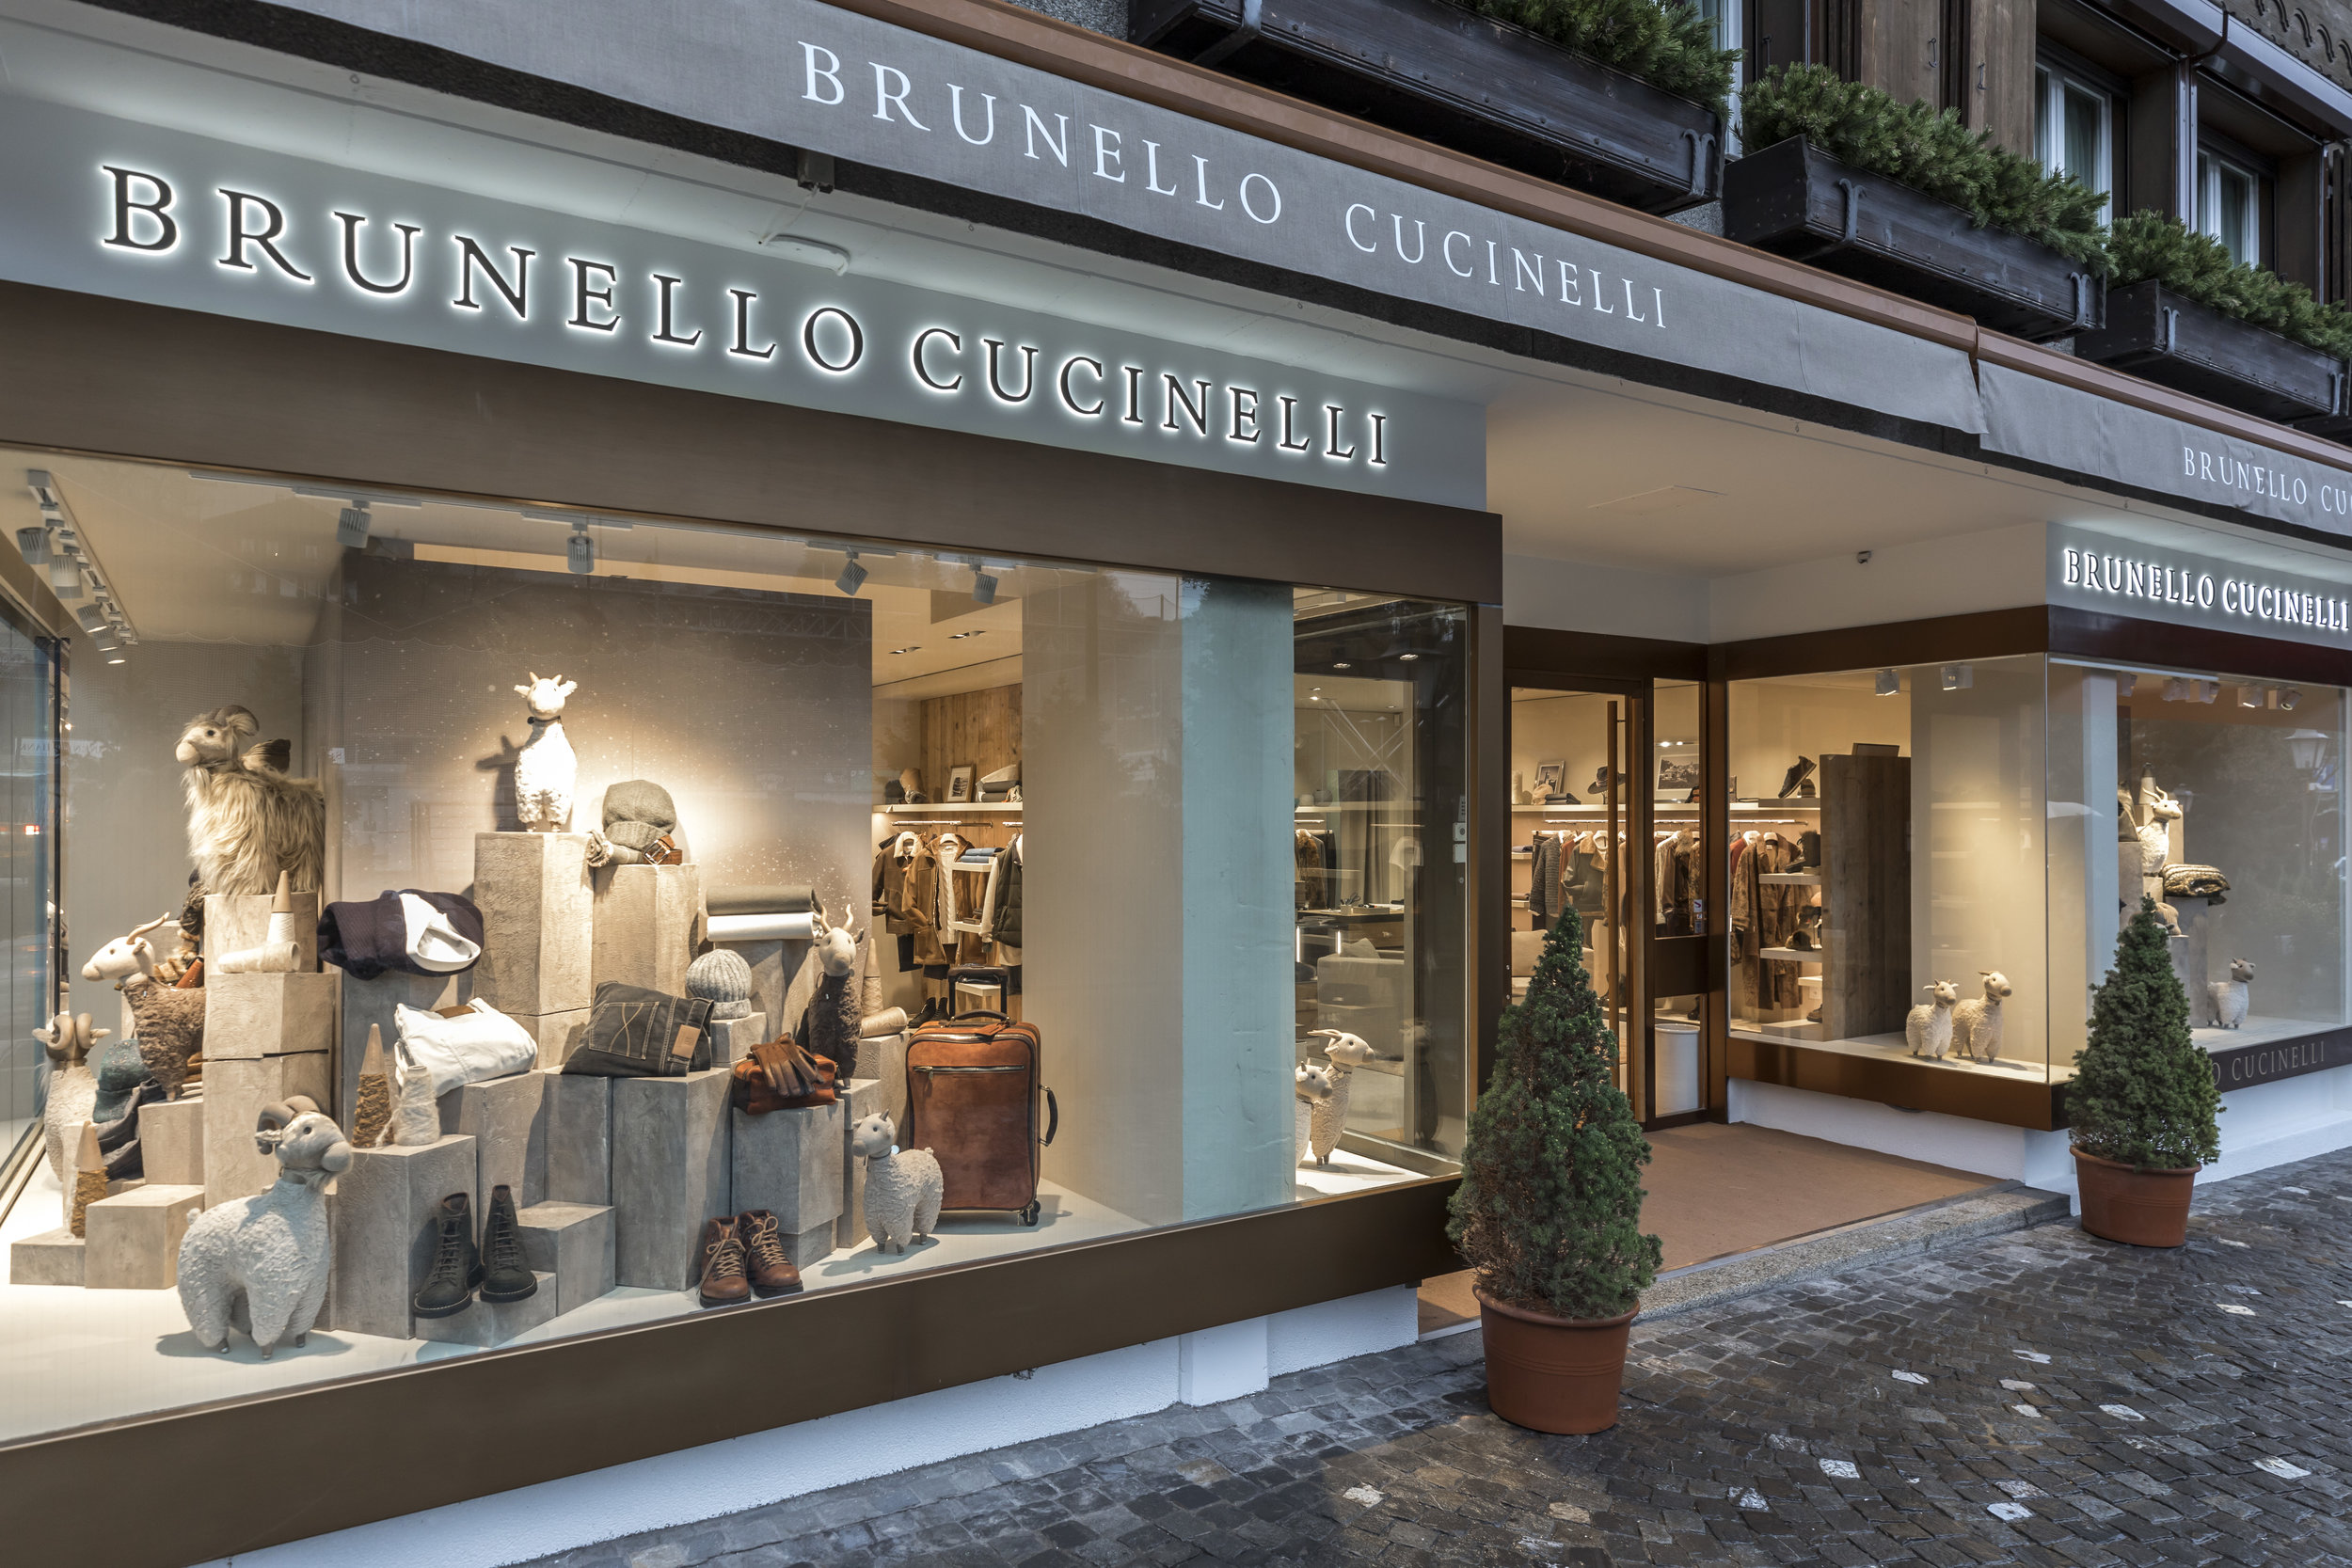 Brunello_Cucinelli_1.jpg